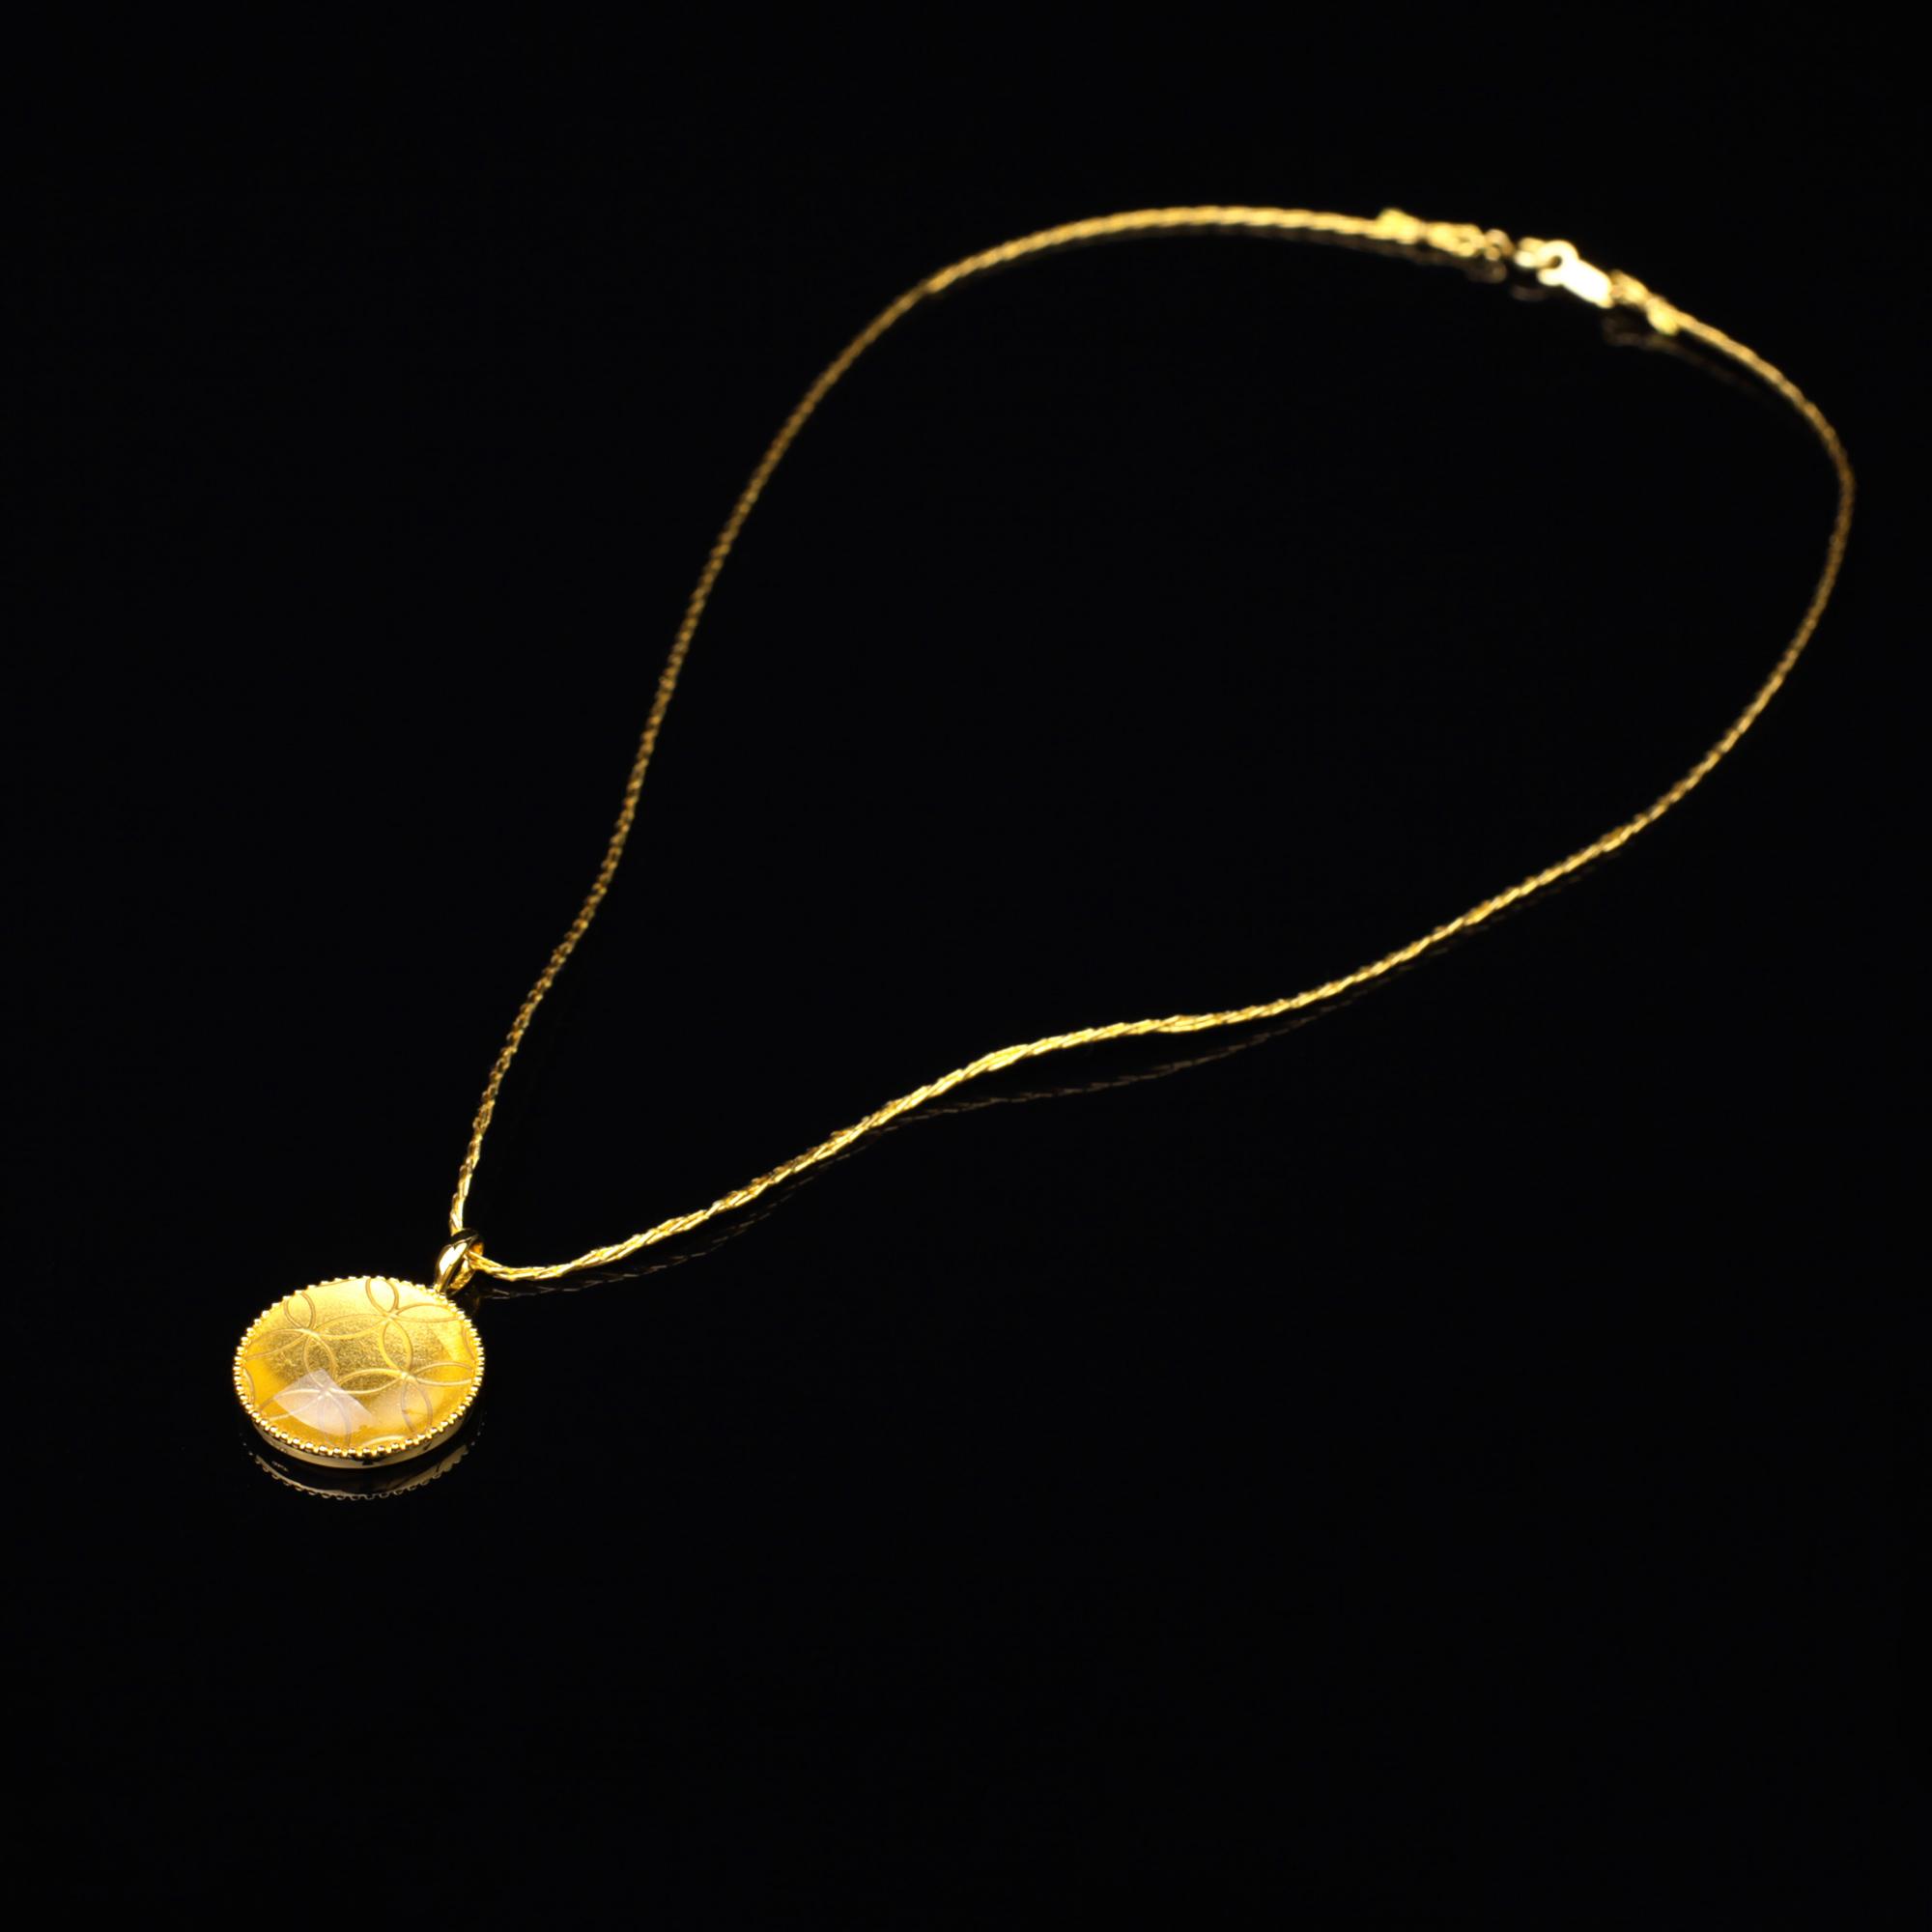 宝石クォーツ・水晶を使った和の彩 金銀糸ネックレス/ペンダントの商品写真です。型番:659-157 画像その1